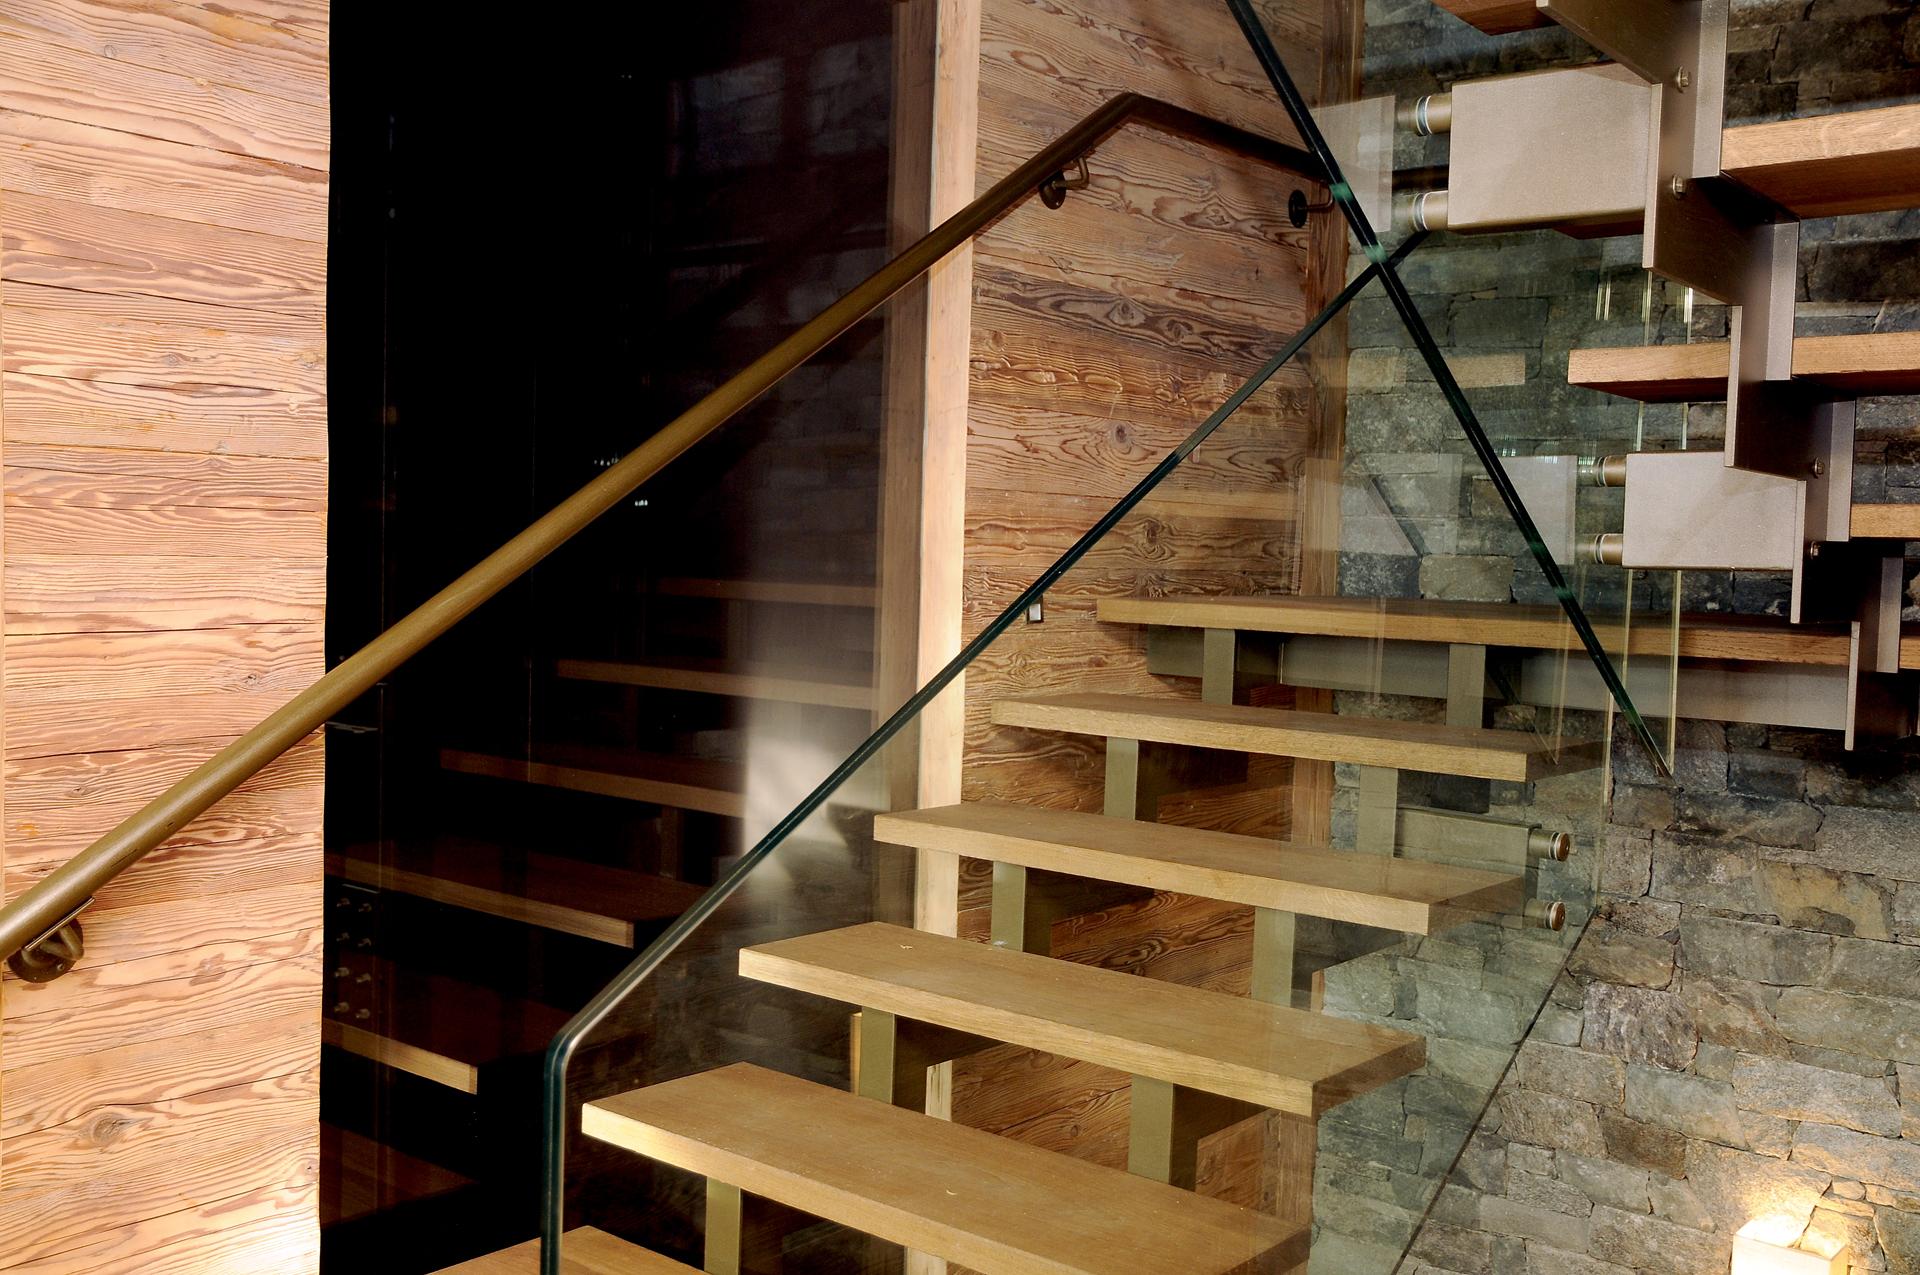 marmottière_escalier_2